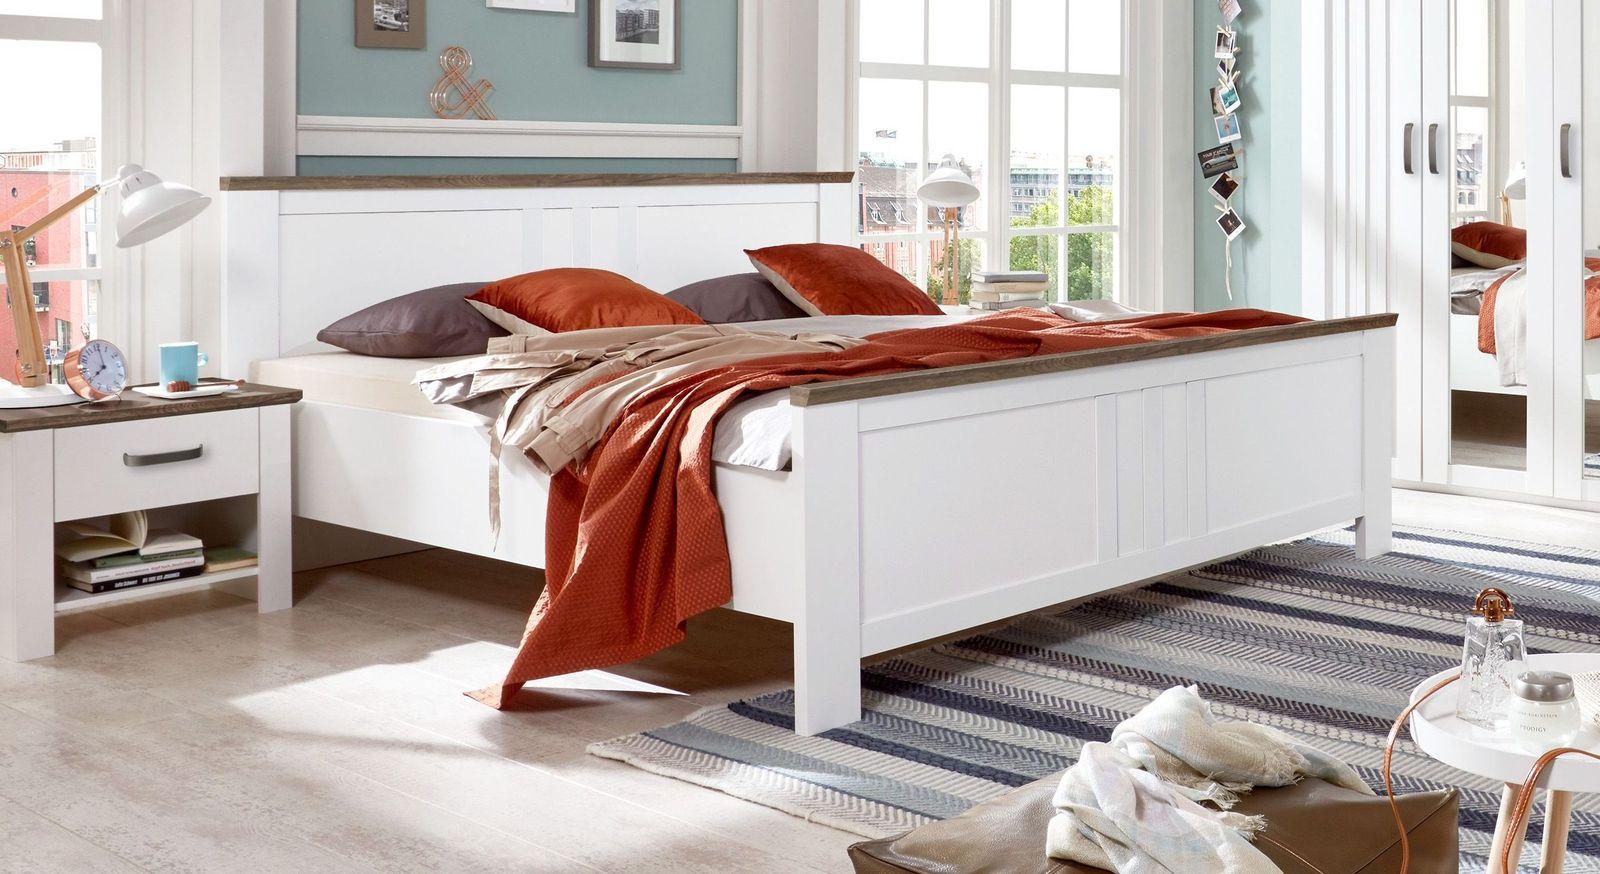 wei bett 140x200 preisvergleich die besten angebote. Black Bedroom Furniture Sets. Home Design Ideas